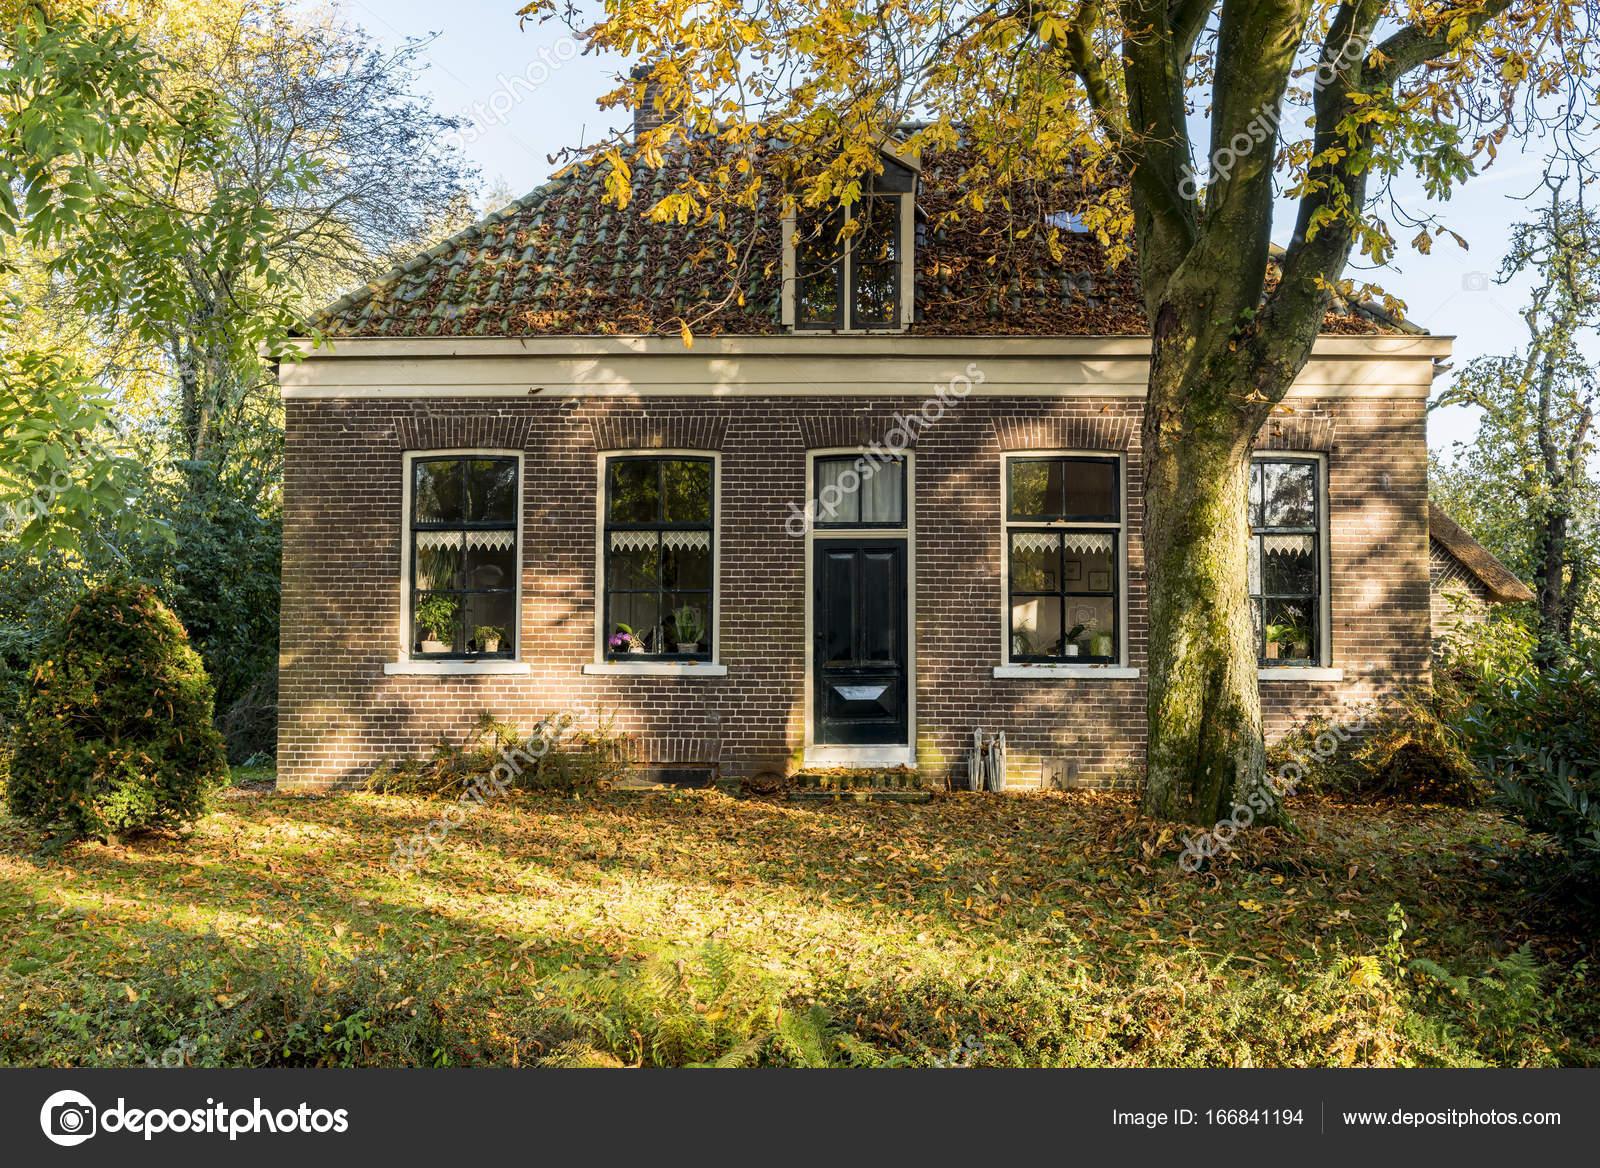 Giethoorn huis in de herfst u redactionele stockfoto kloeg